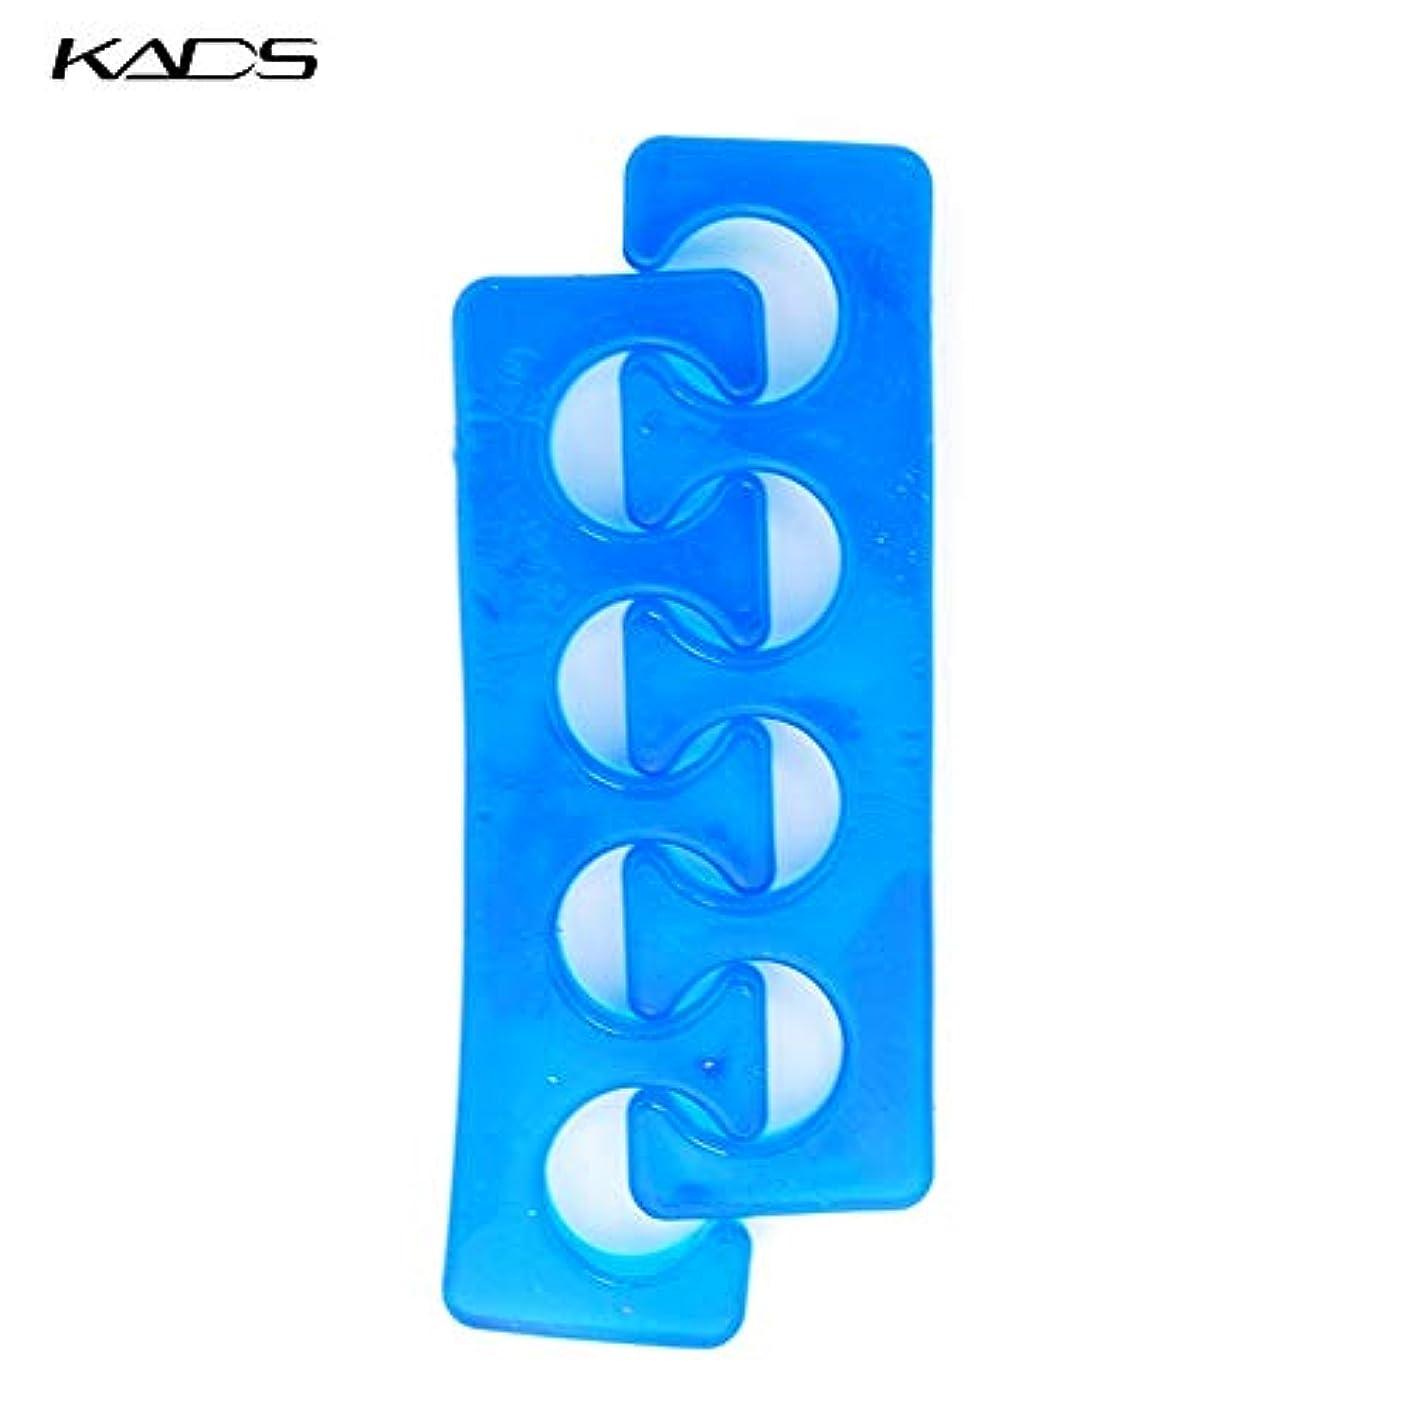 突き刺すカートンアルファベット順KADS 足指セパレーター 柔らかいシリコン製 2個入り ネイルセパレーター トウセパレーター ネイルアート用 (ブルー)